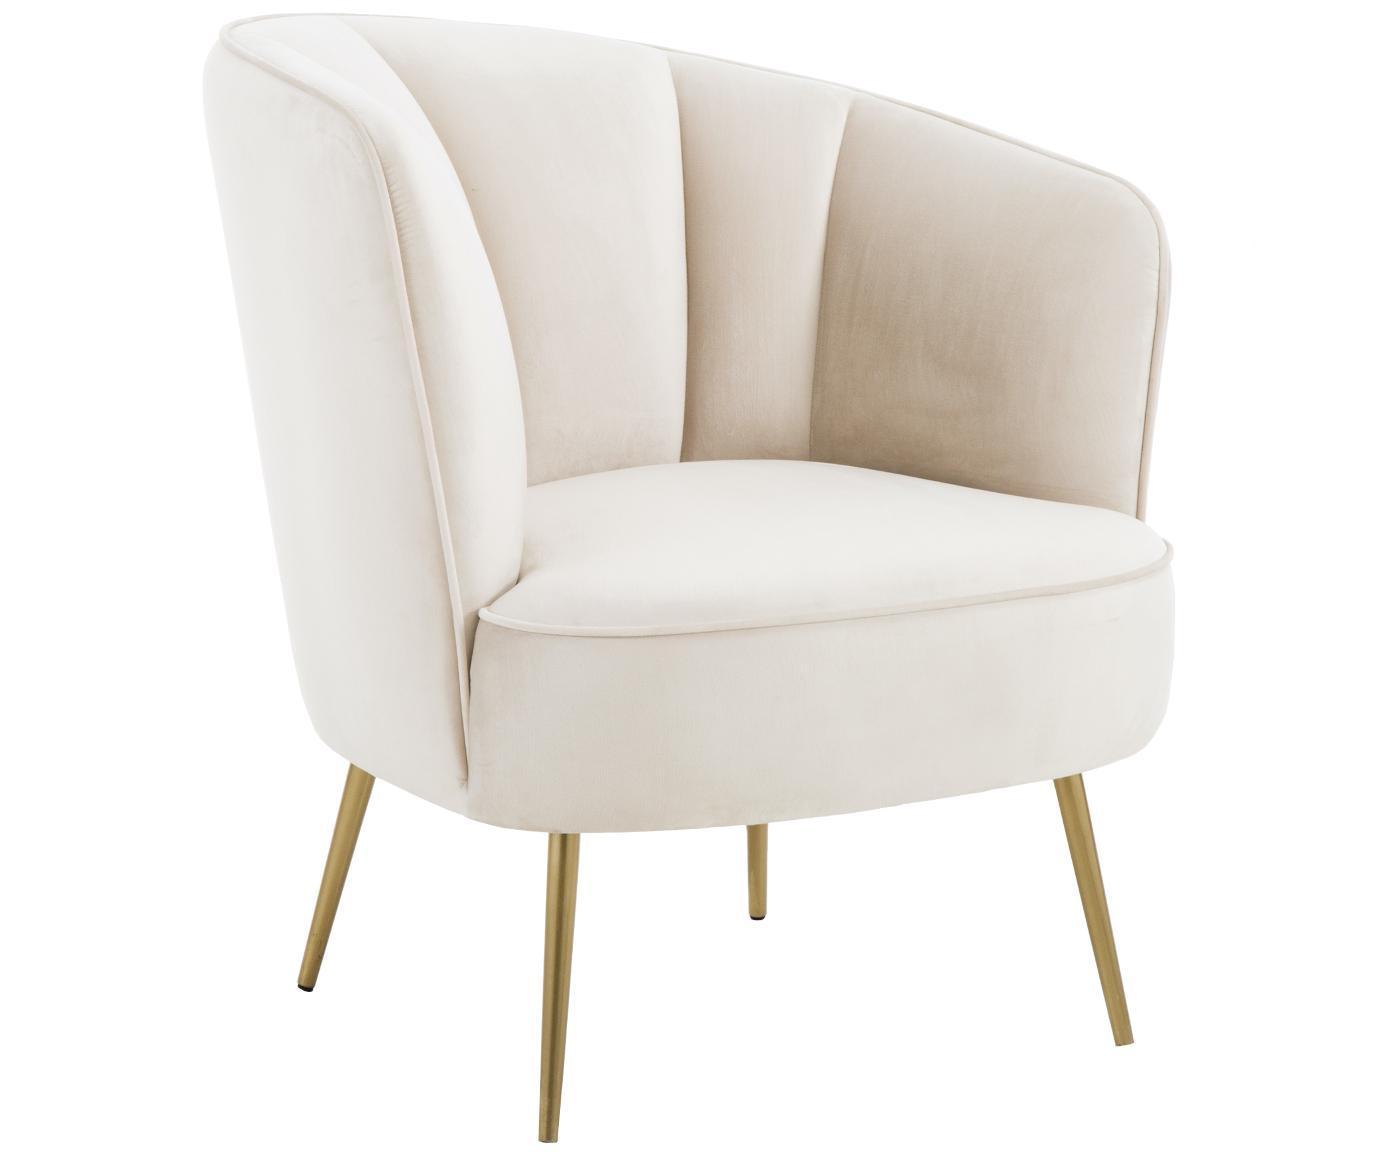 Fluwelen fauteuil Louise, Bekleding: fluweel (polyester), Poten: gecoat metaal, Beige, B 76 x D 74 cm